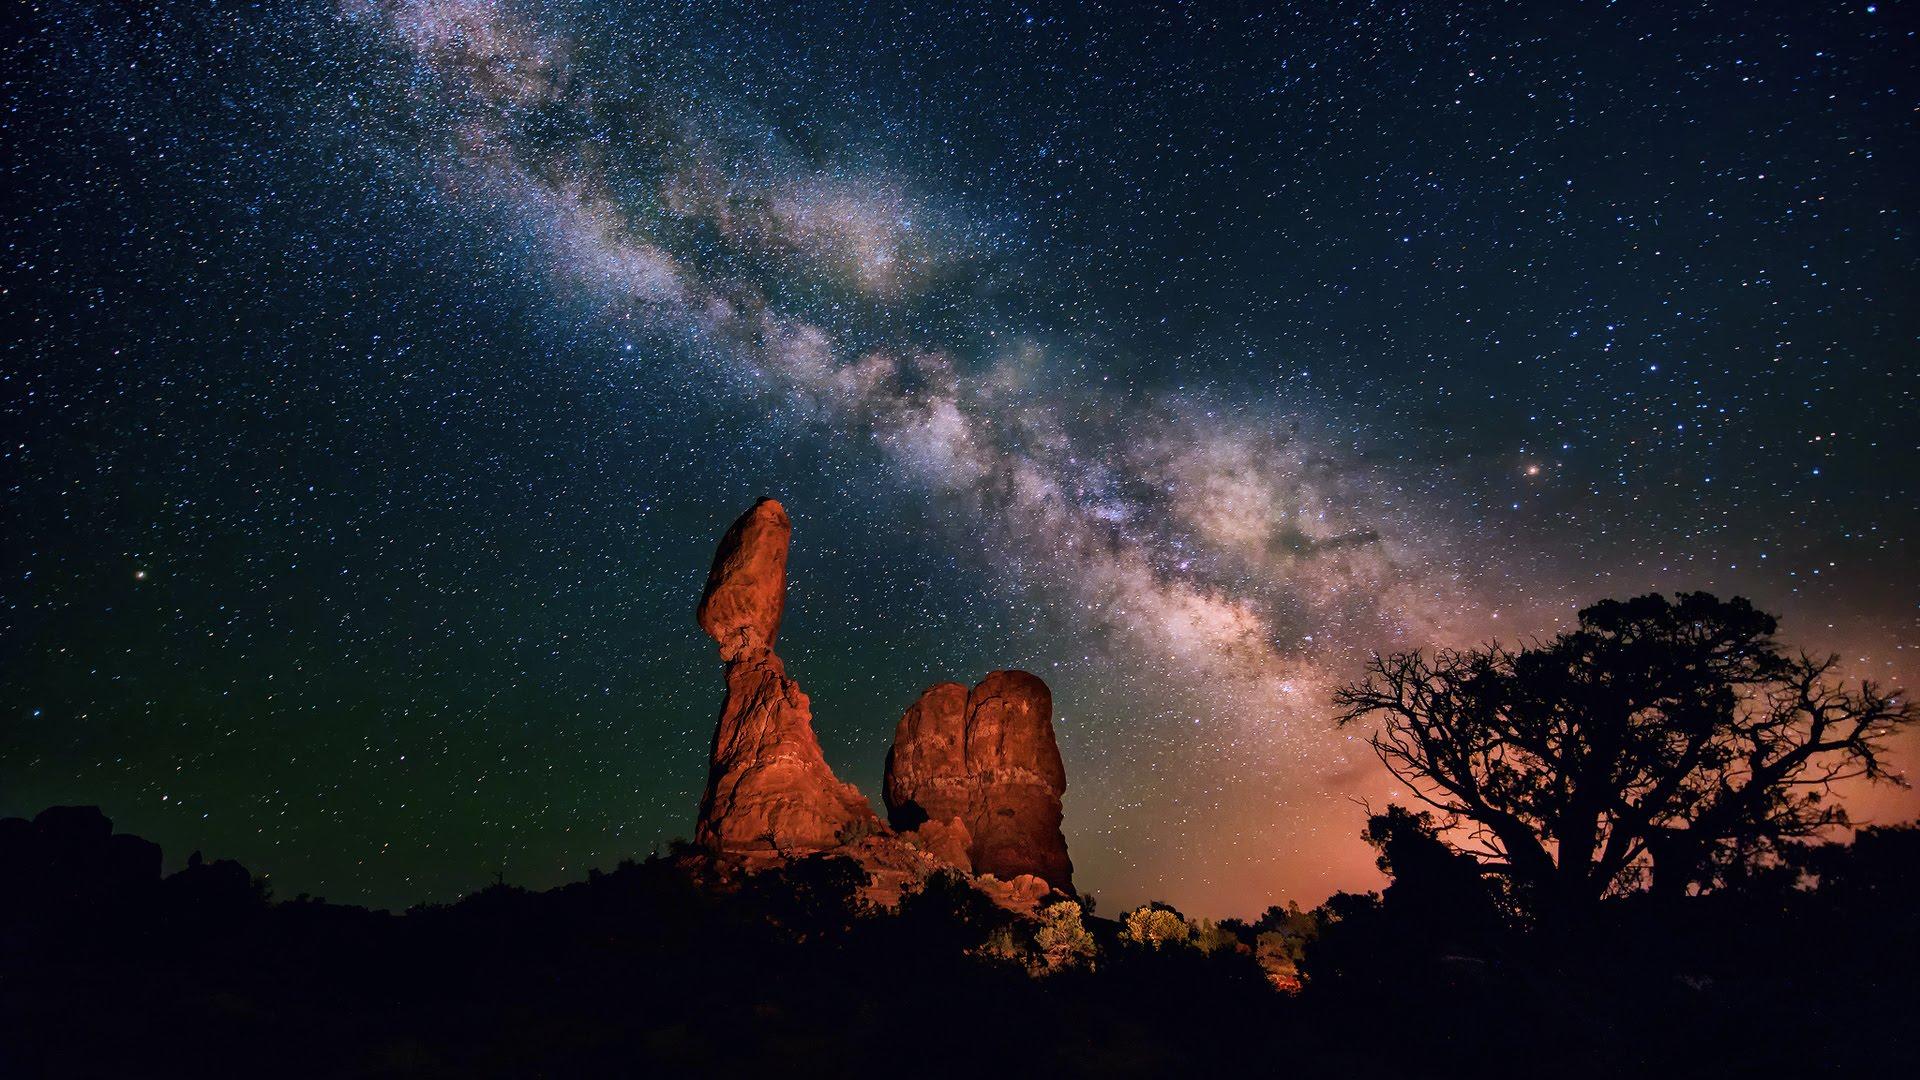 ЦЕРН: Вселенной недолжно жить